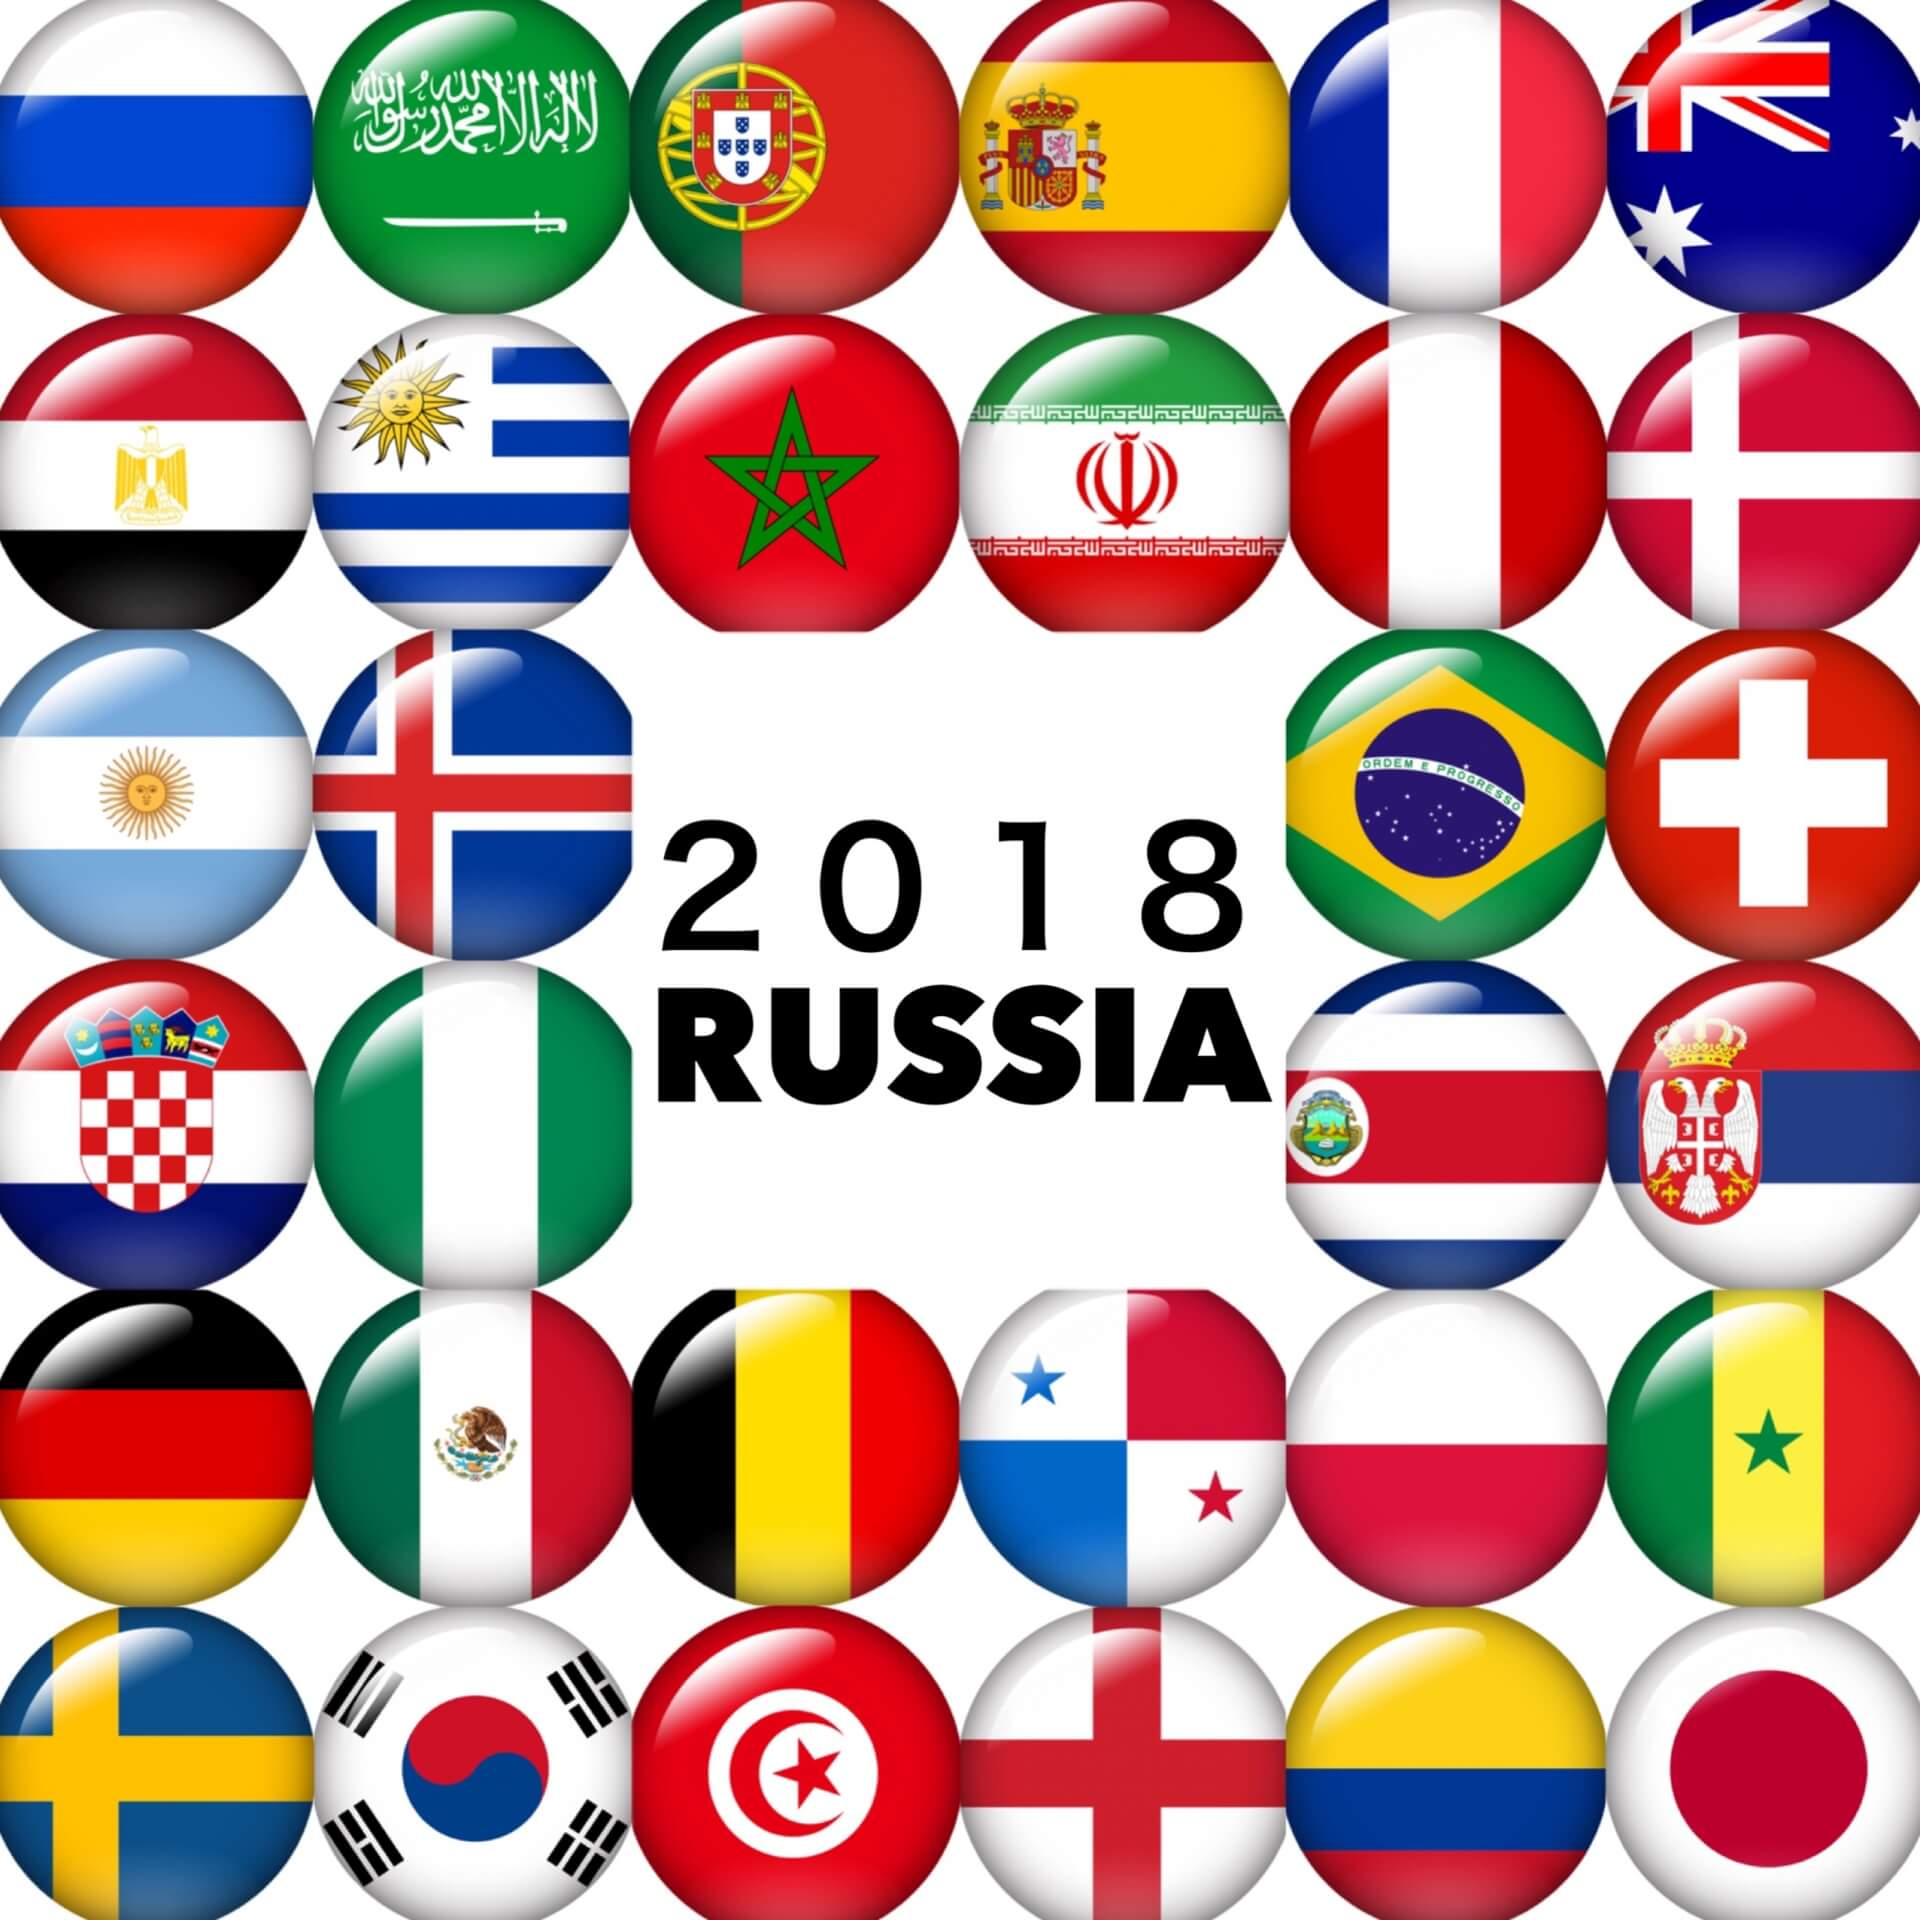 サッカーの競技人口を国別にまとめてみました